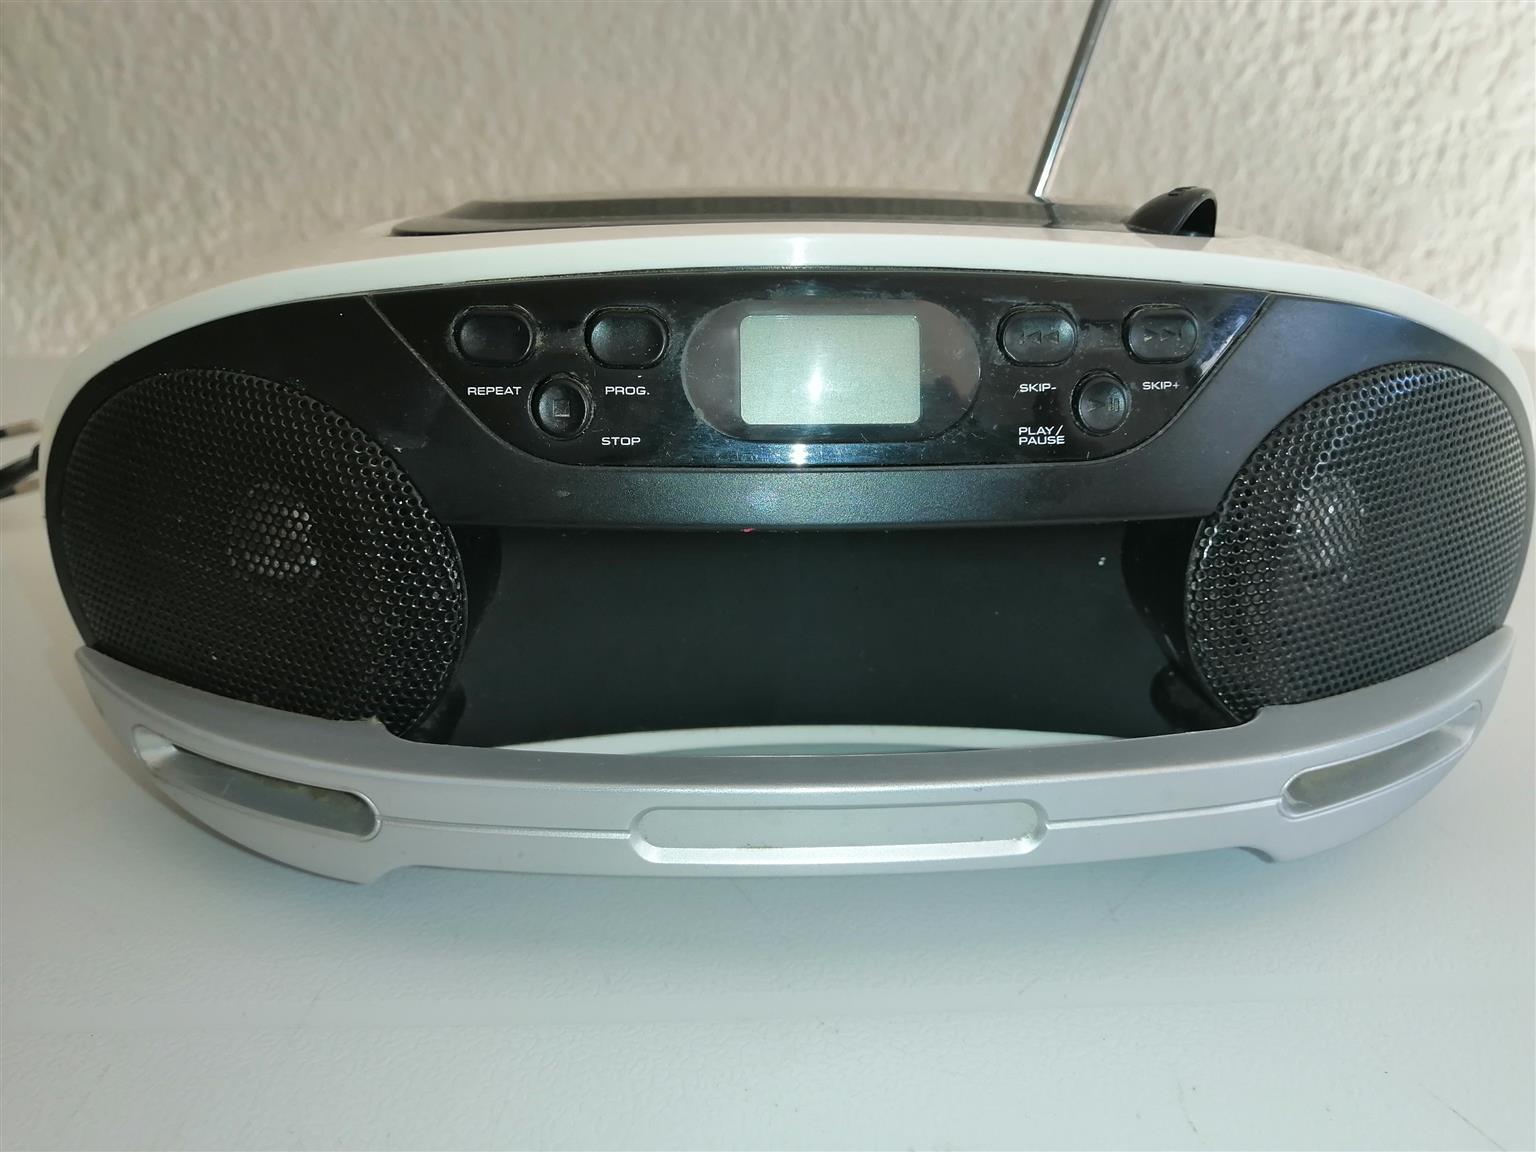 Teac portable radio and CD player